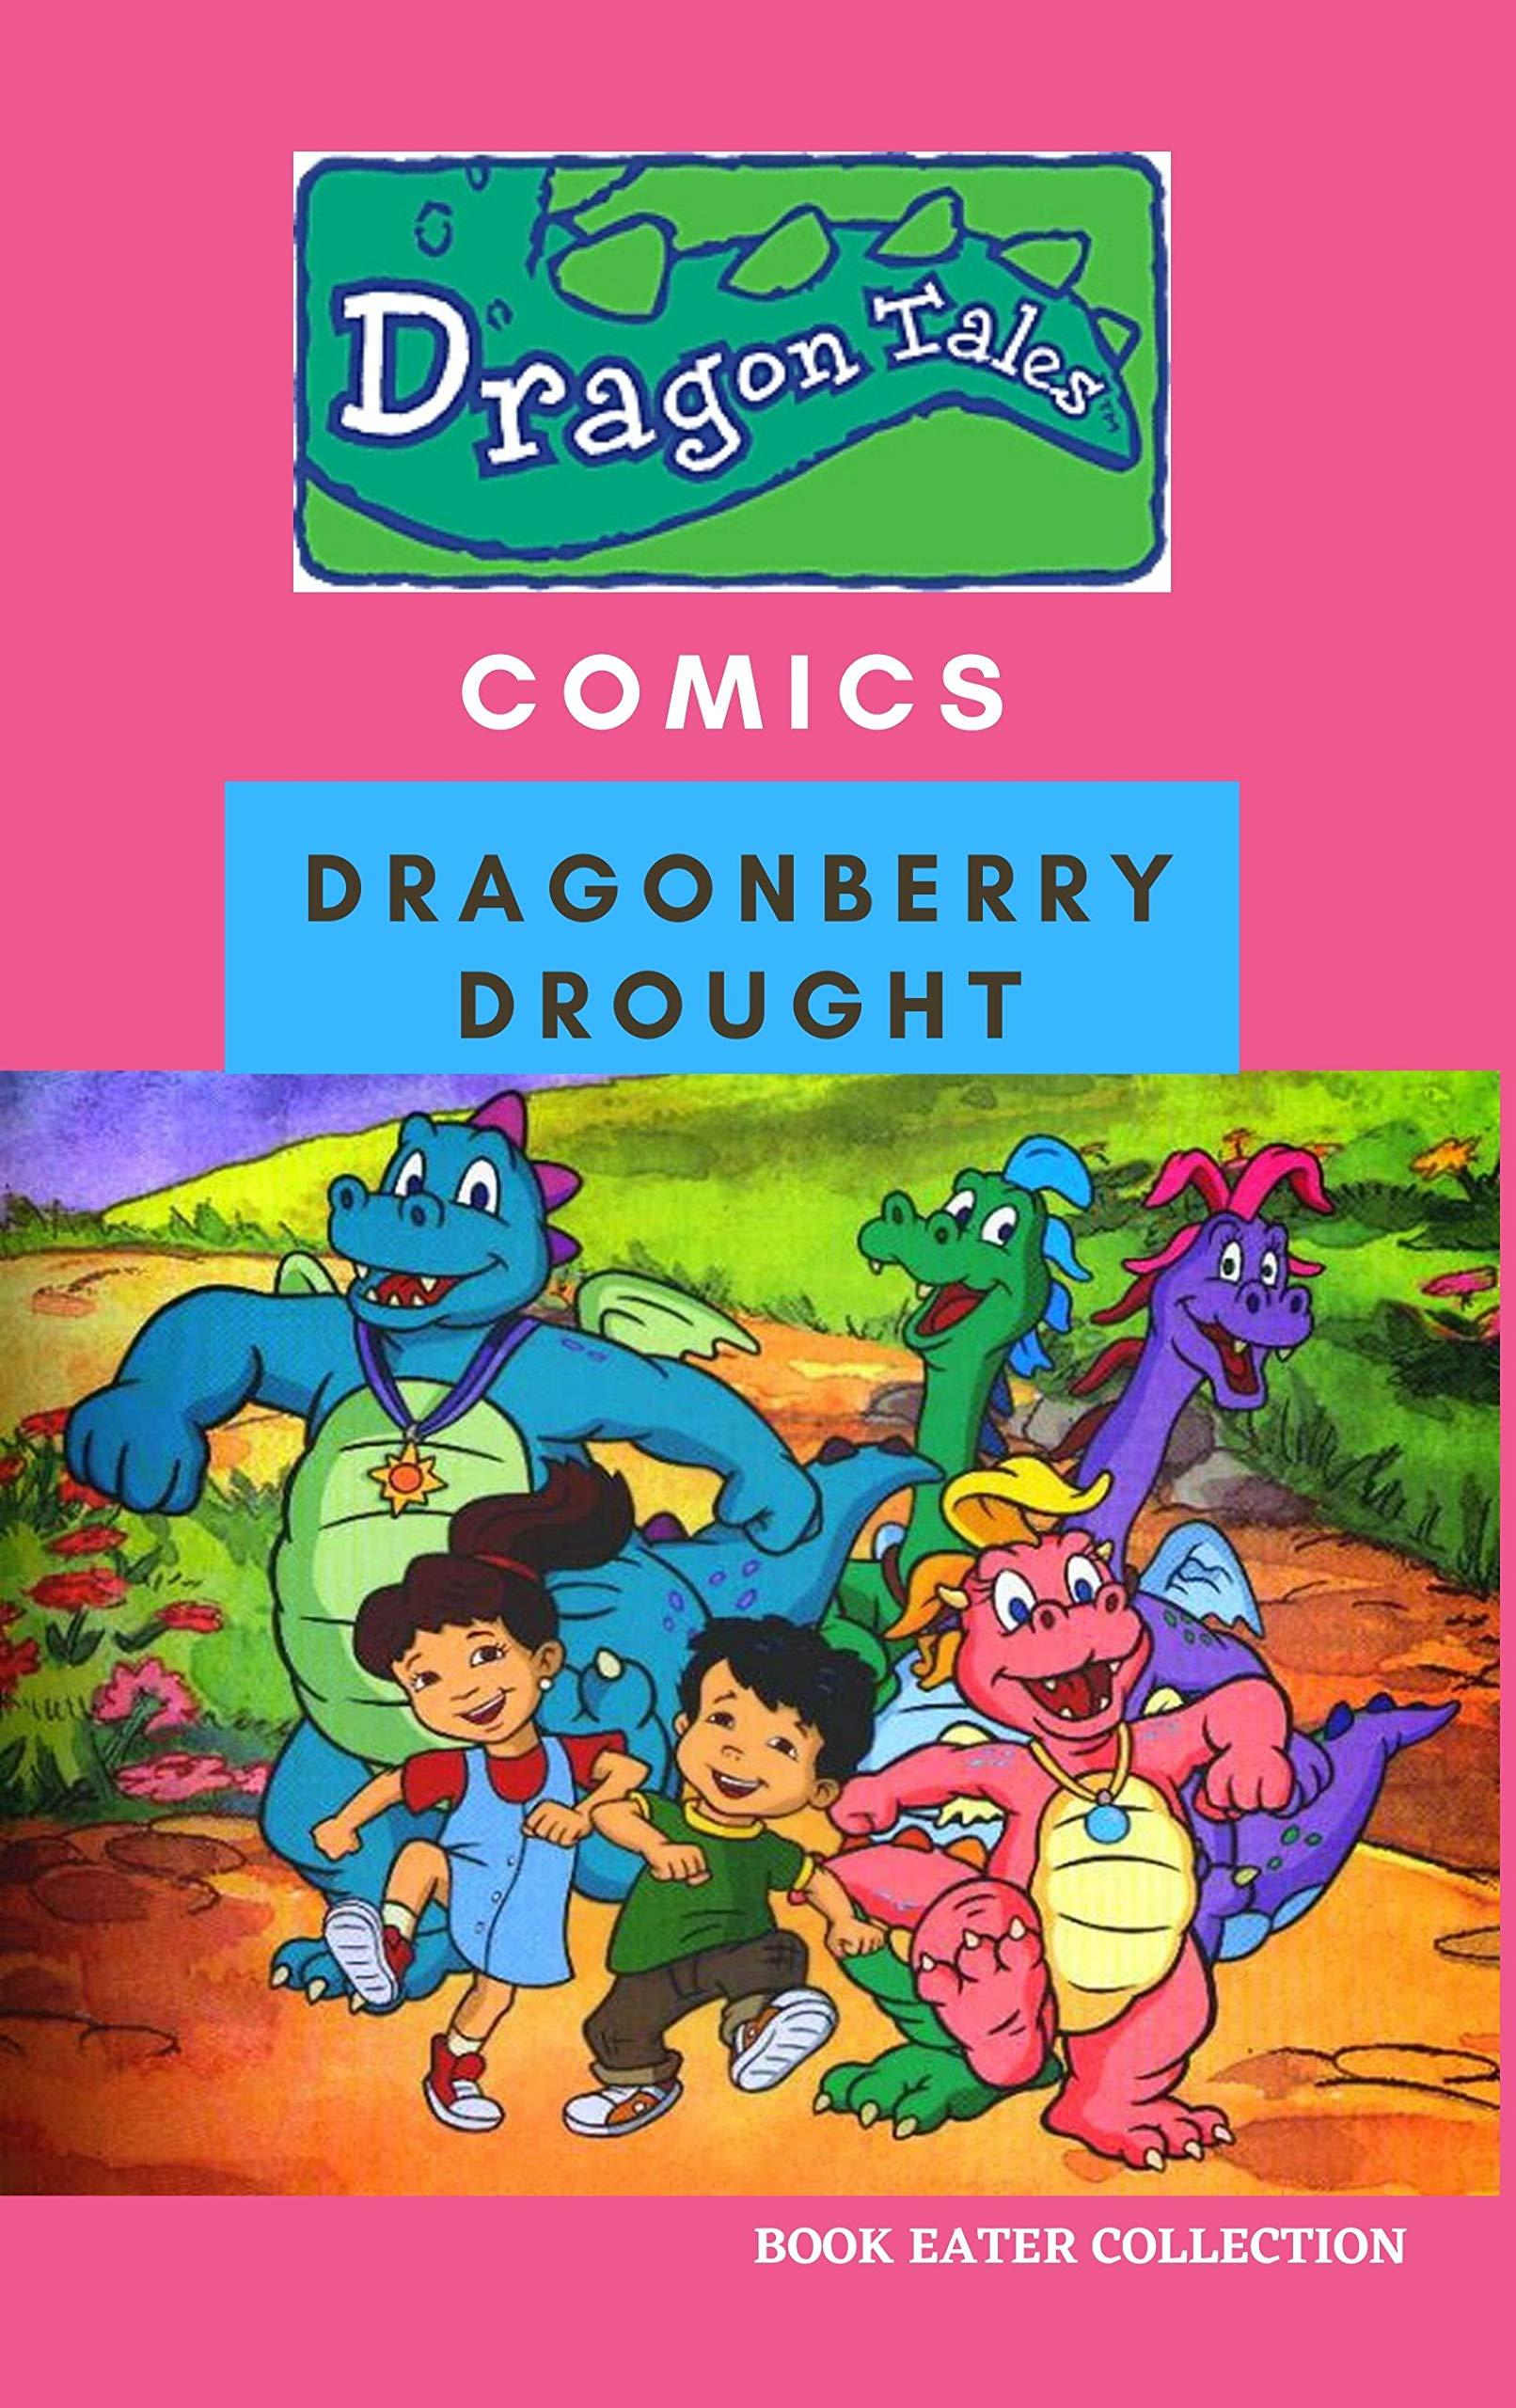 Dragon tales 10: comics